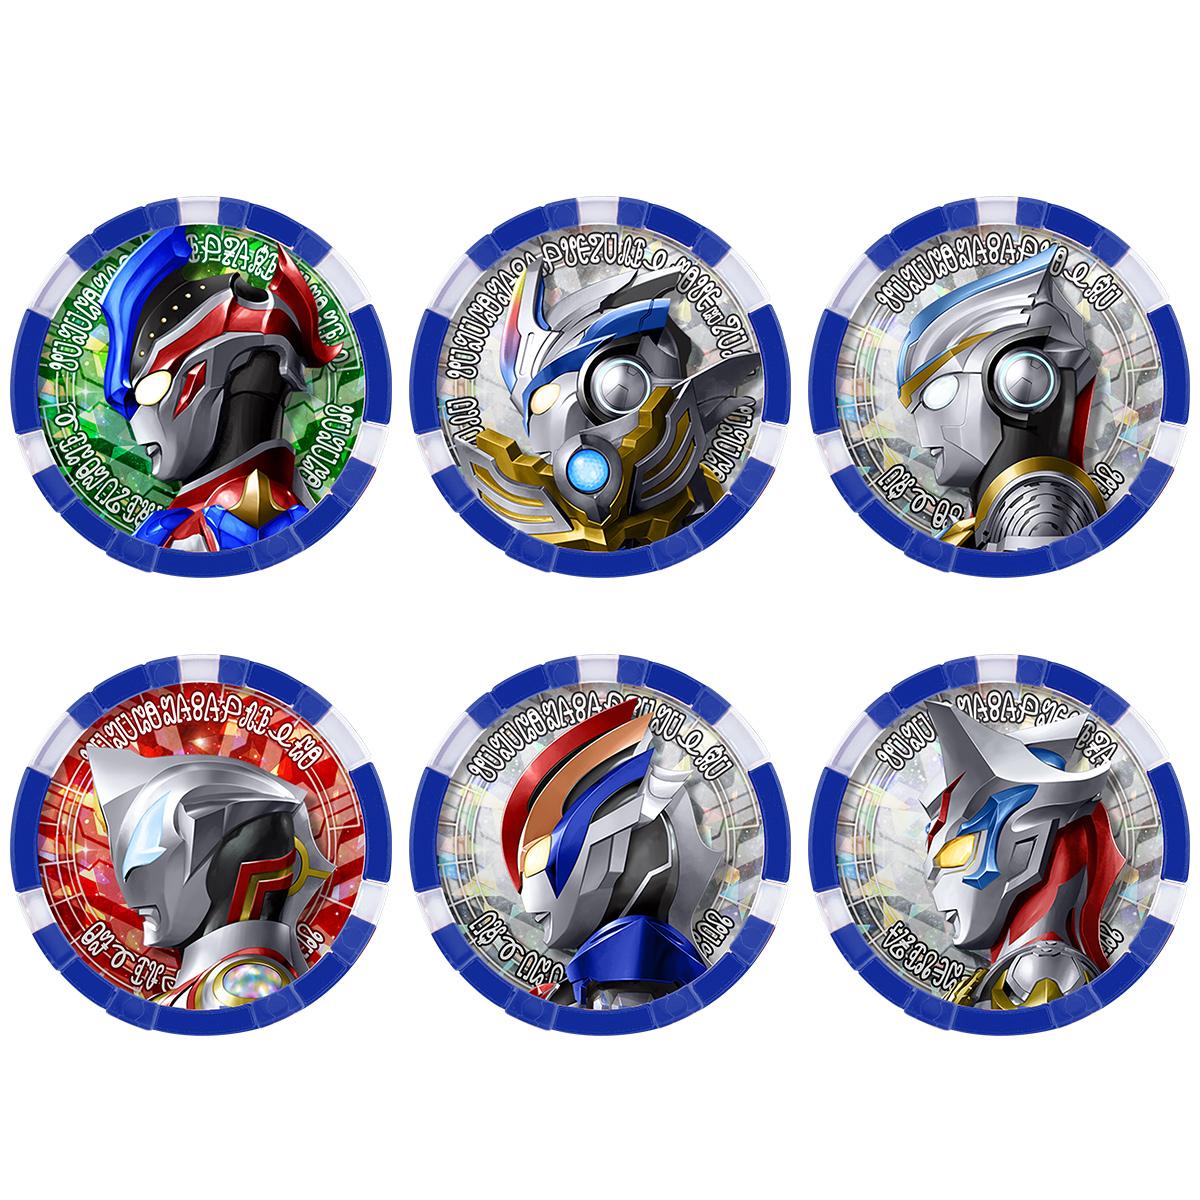 11/28 (土) DXウルトラメダル ウルトラレジェンドセットEX03・04が登場